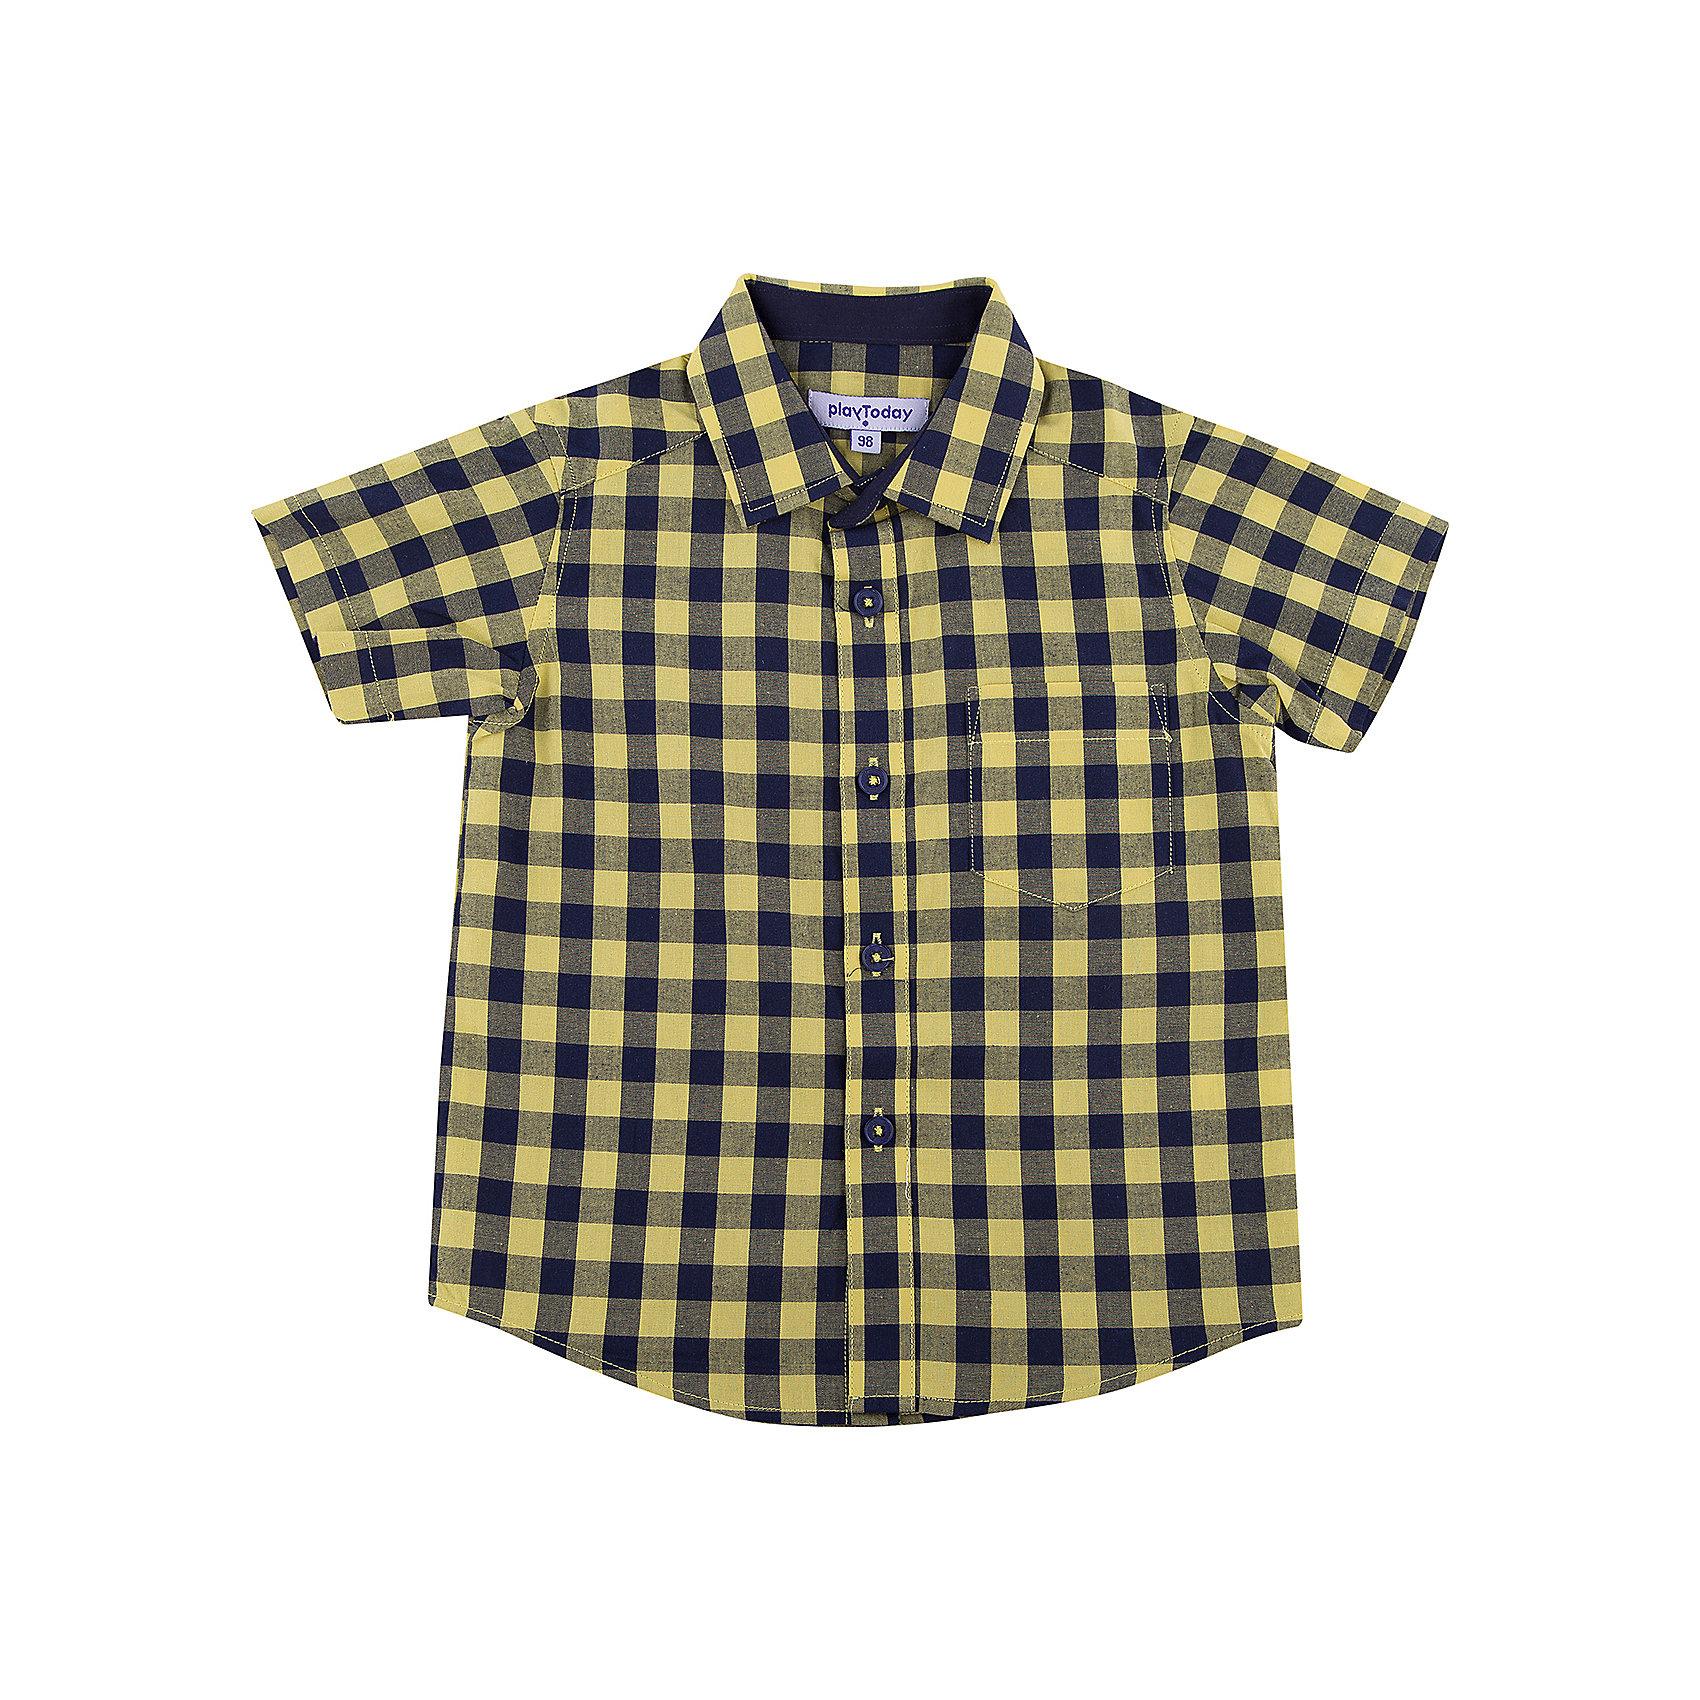 Рубашка для мальчика PlayTodayБлузки и рубашки<br>Характеристики товара:<br><br>• цвет: разноцветный<br>• состав: 100% хлопок<br>• карман<br>• дышащий материал<br>• короткие рукава<br>• застежки: пуговицы<br>• воротник отложной<br>• комфортная посадка<br>• коллекция: весна-лето 2017<br>• страна бренда: Германия<br>• страна производства: Китай<br><br>Популярный бренд PlayToday выпустил новую коллекцию! Вещи из неё продолжают радовать покупателей удобством, стильным дизайном и продуманным кроем. Дети носят их с удовольствием. PlayToday - это линейка товаров, созданная специально для детей. Дизайнеры учитывают новые веяния моды и потребности детей. Порадуйте ребенка обновкой от проверенного производителя!<br>Такая стильная модель обеспечит ребенку комфорт благодаря качественному материалу и продуманному крою. С помощью неё можно удобно одеться по погоде. Очень модная вещь! Симпатично выглядит и долго служит.<br><br>Сорочку для мальчика от известного бренда PlayToday можно купить в нашем интернет-магазине.<br><br>Ширина мм: 174<br>Глубина мм: 10<br>Высота мм: 169<br>Вес г: 157<br>Цвет: белый<br>Возраст от месяцев: 84<br>Возраст до месяцев: 96<br>Пол: Мужской<br>Возраст: Детский<br>Размер: 128,98,104,110,116,122<br>SKU: 5403200